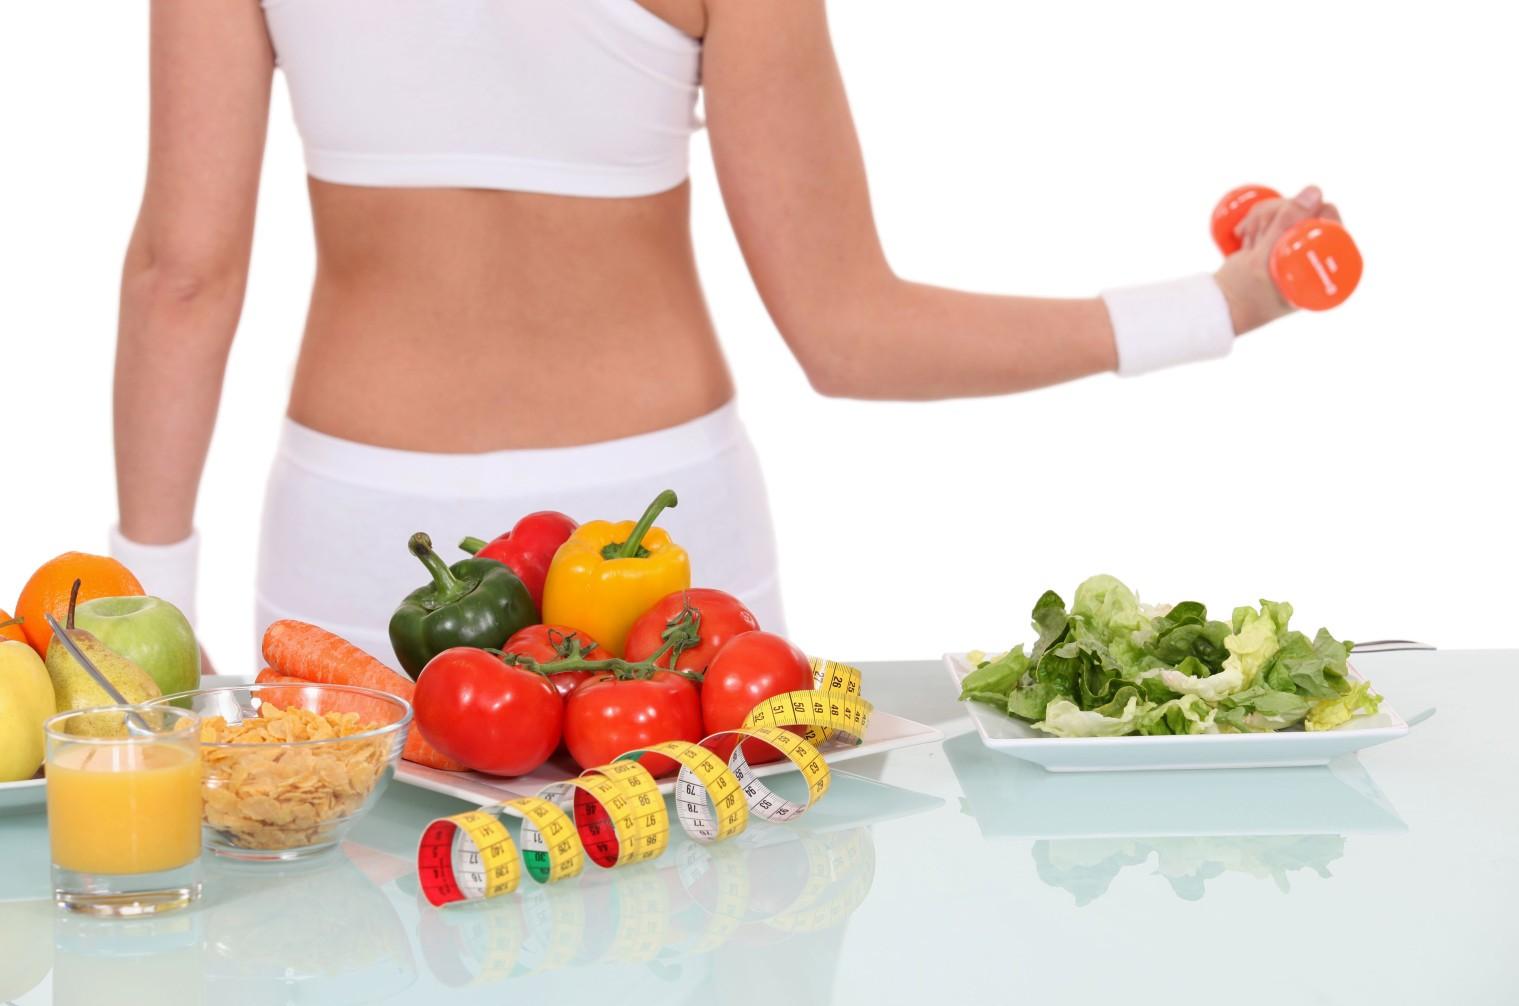 Спорт И Диет Питание. Как правильно сочетать питание и тренировки